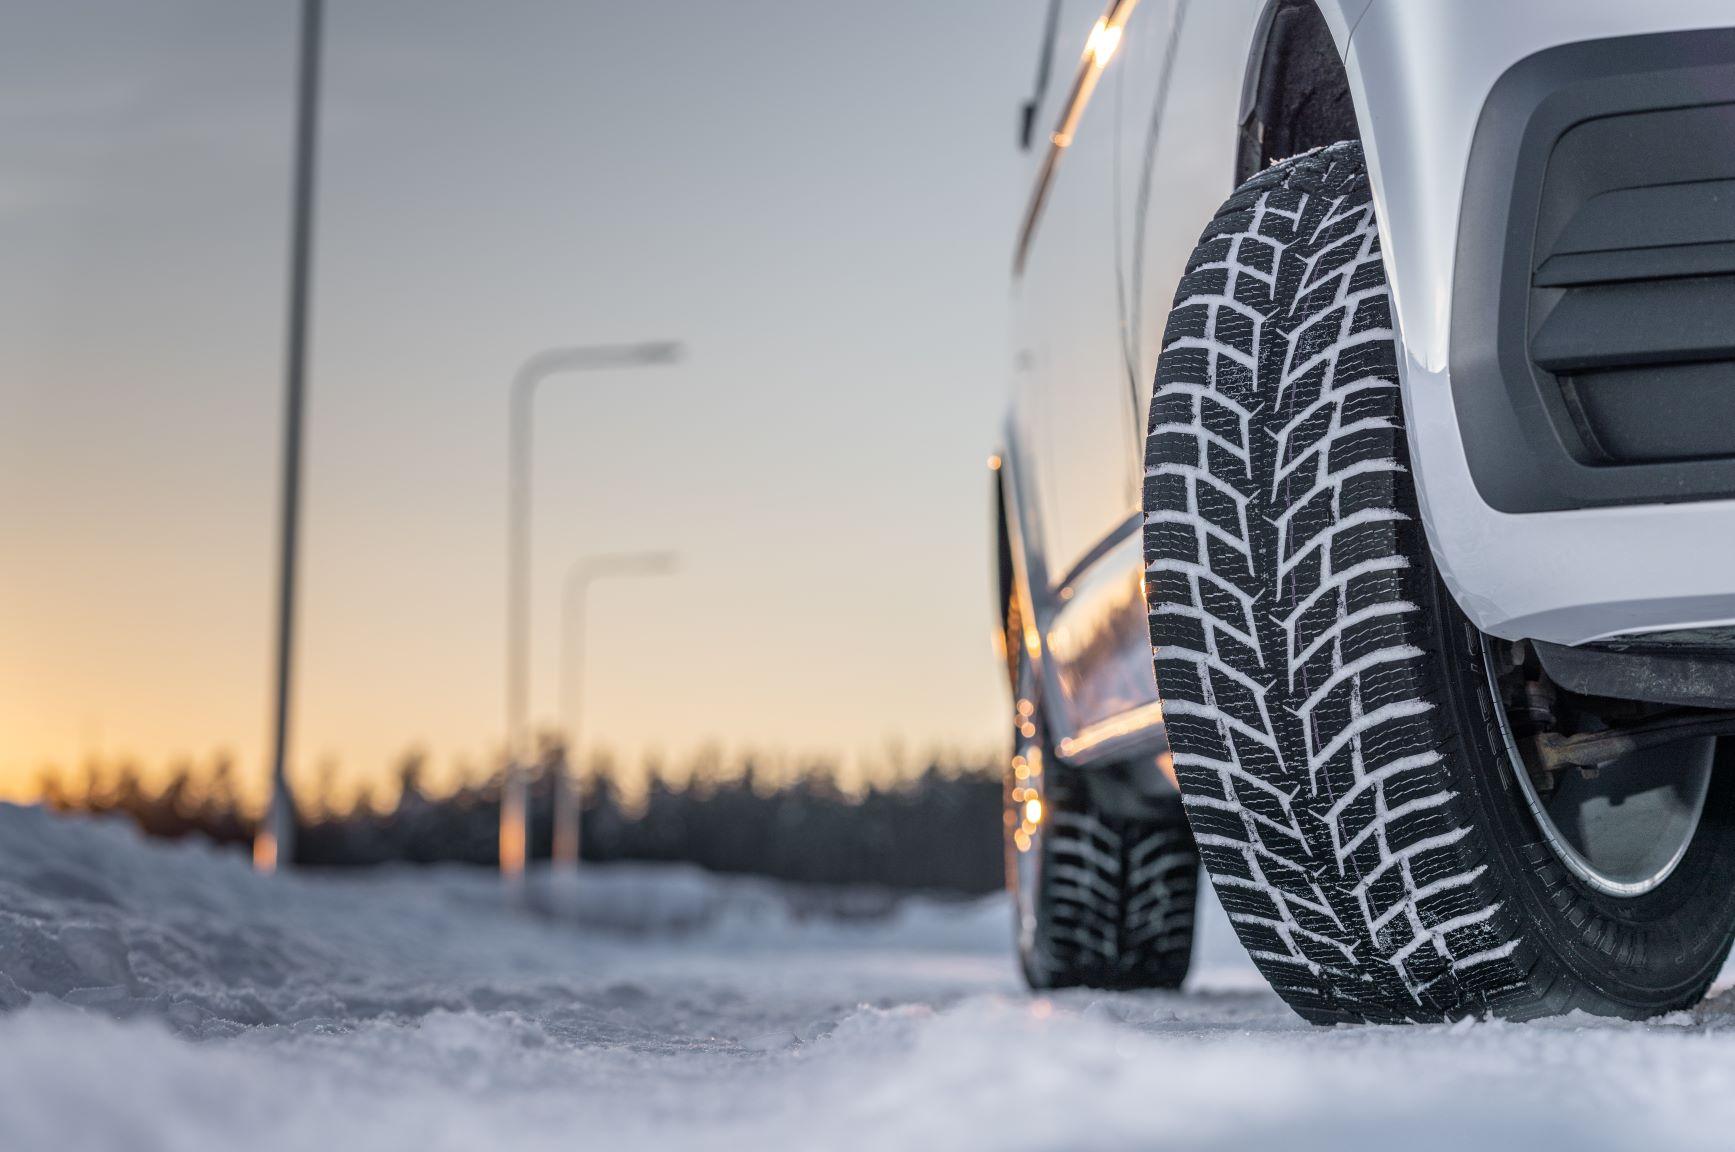 Noile anvelope Nokian Snowproof C – siguranță și stabilitate pe timp de iarnă